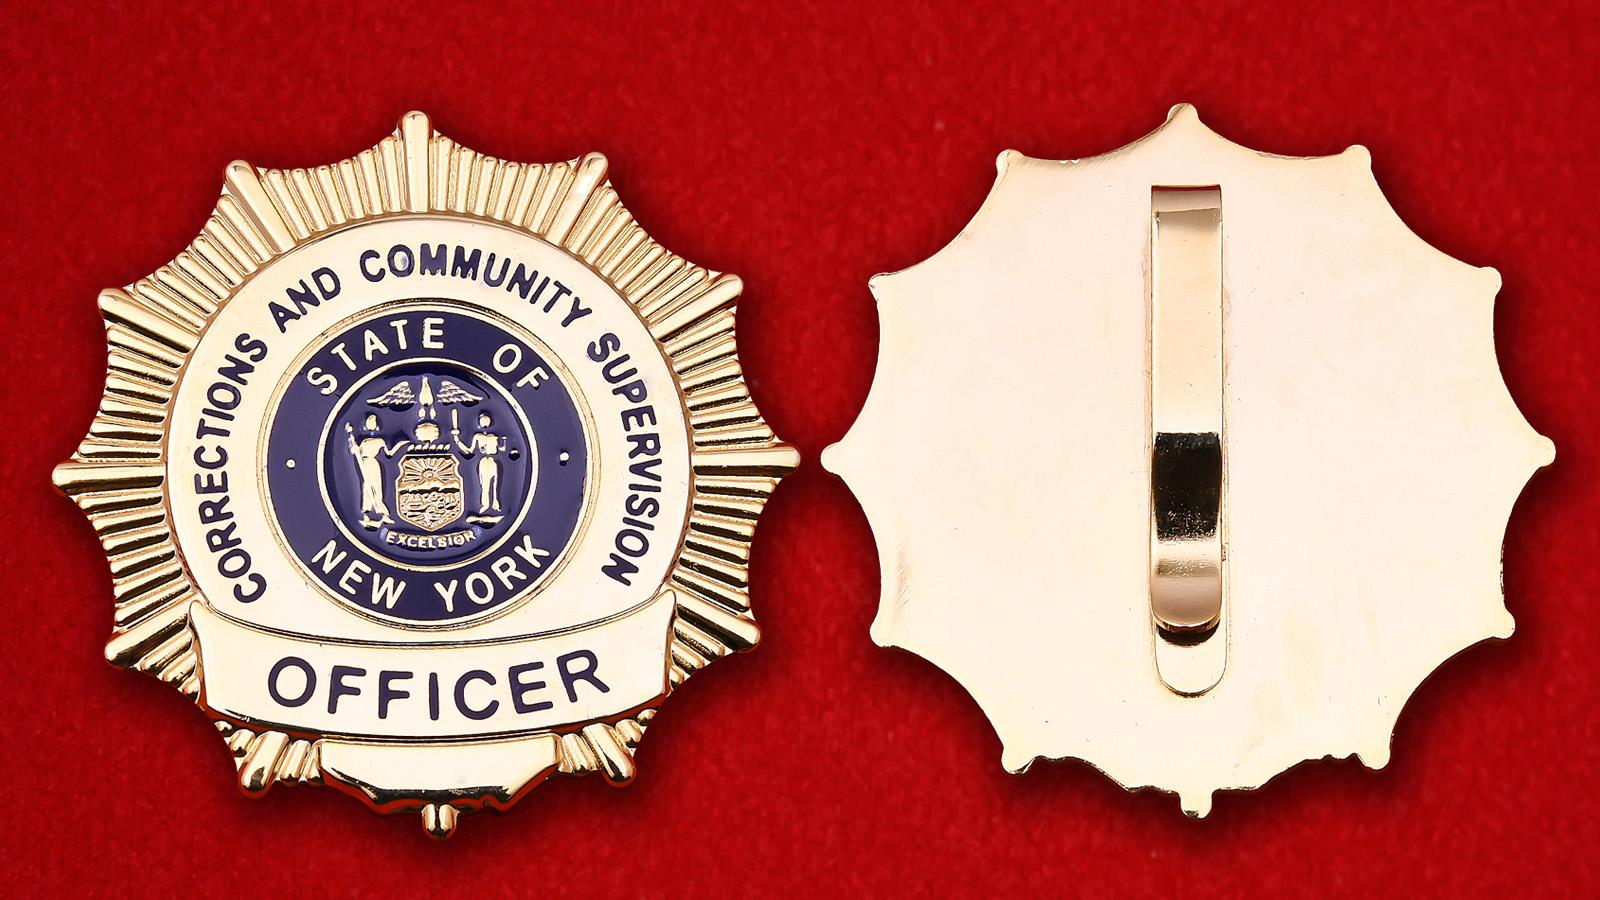 """Значок """"Офицер Департамента исполнения наказаний и общественного надзора Нью-Йорка"""""""